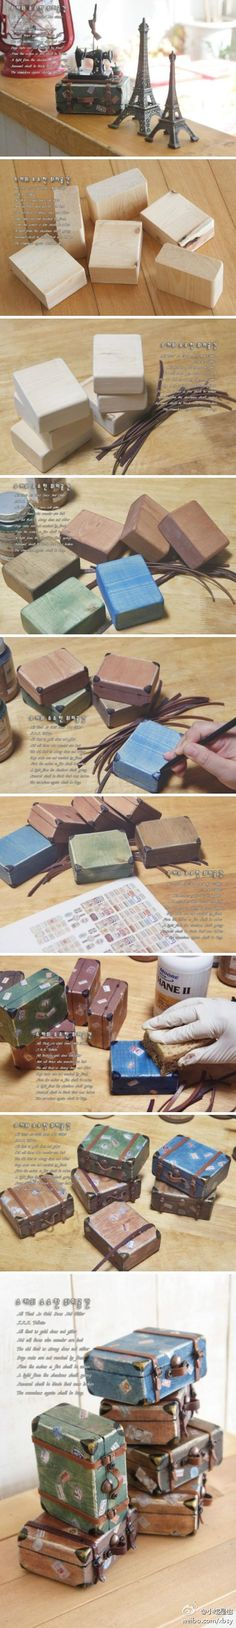 Ideias legal, como fazer miniaturas de malas.